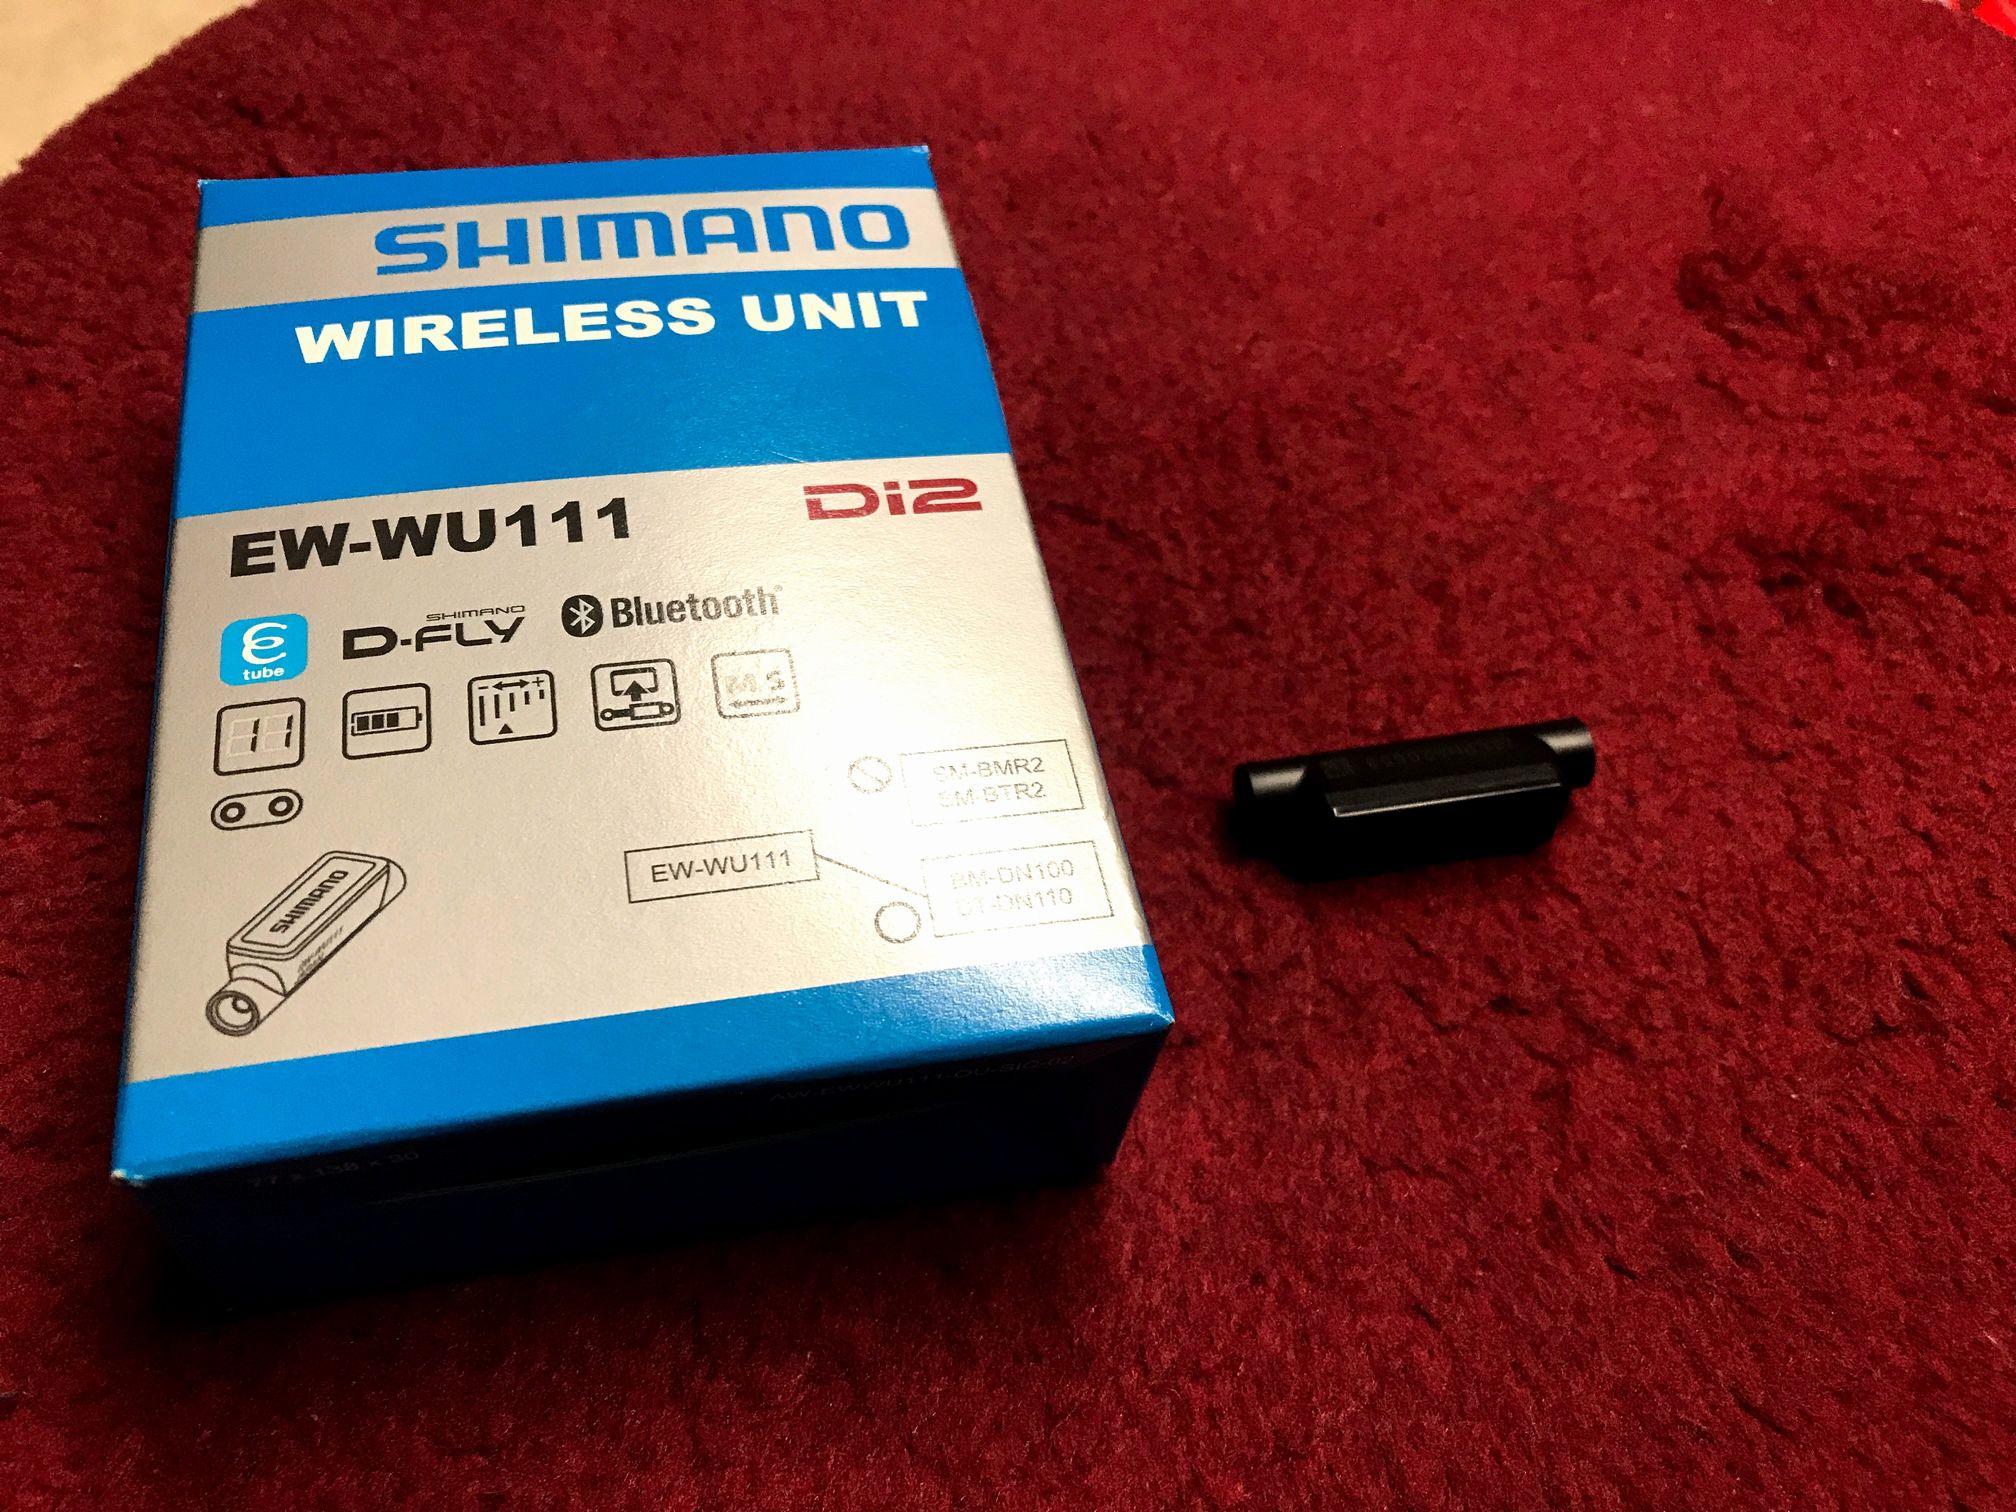 「【またもファーム更新できず】Di2 Bluetooth対応ワイヤレスユニット(EW-WU111)の不具合 その2」のアイキャッチ画像